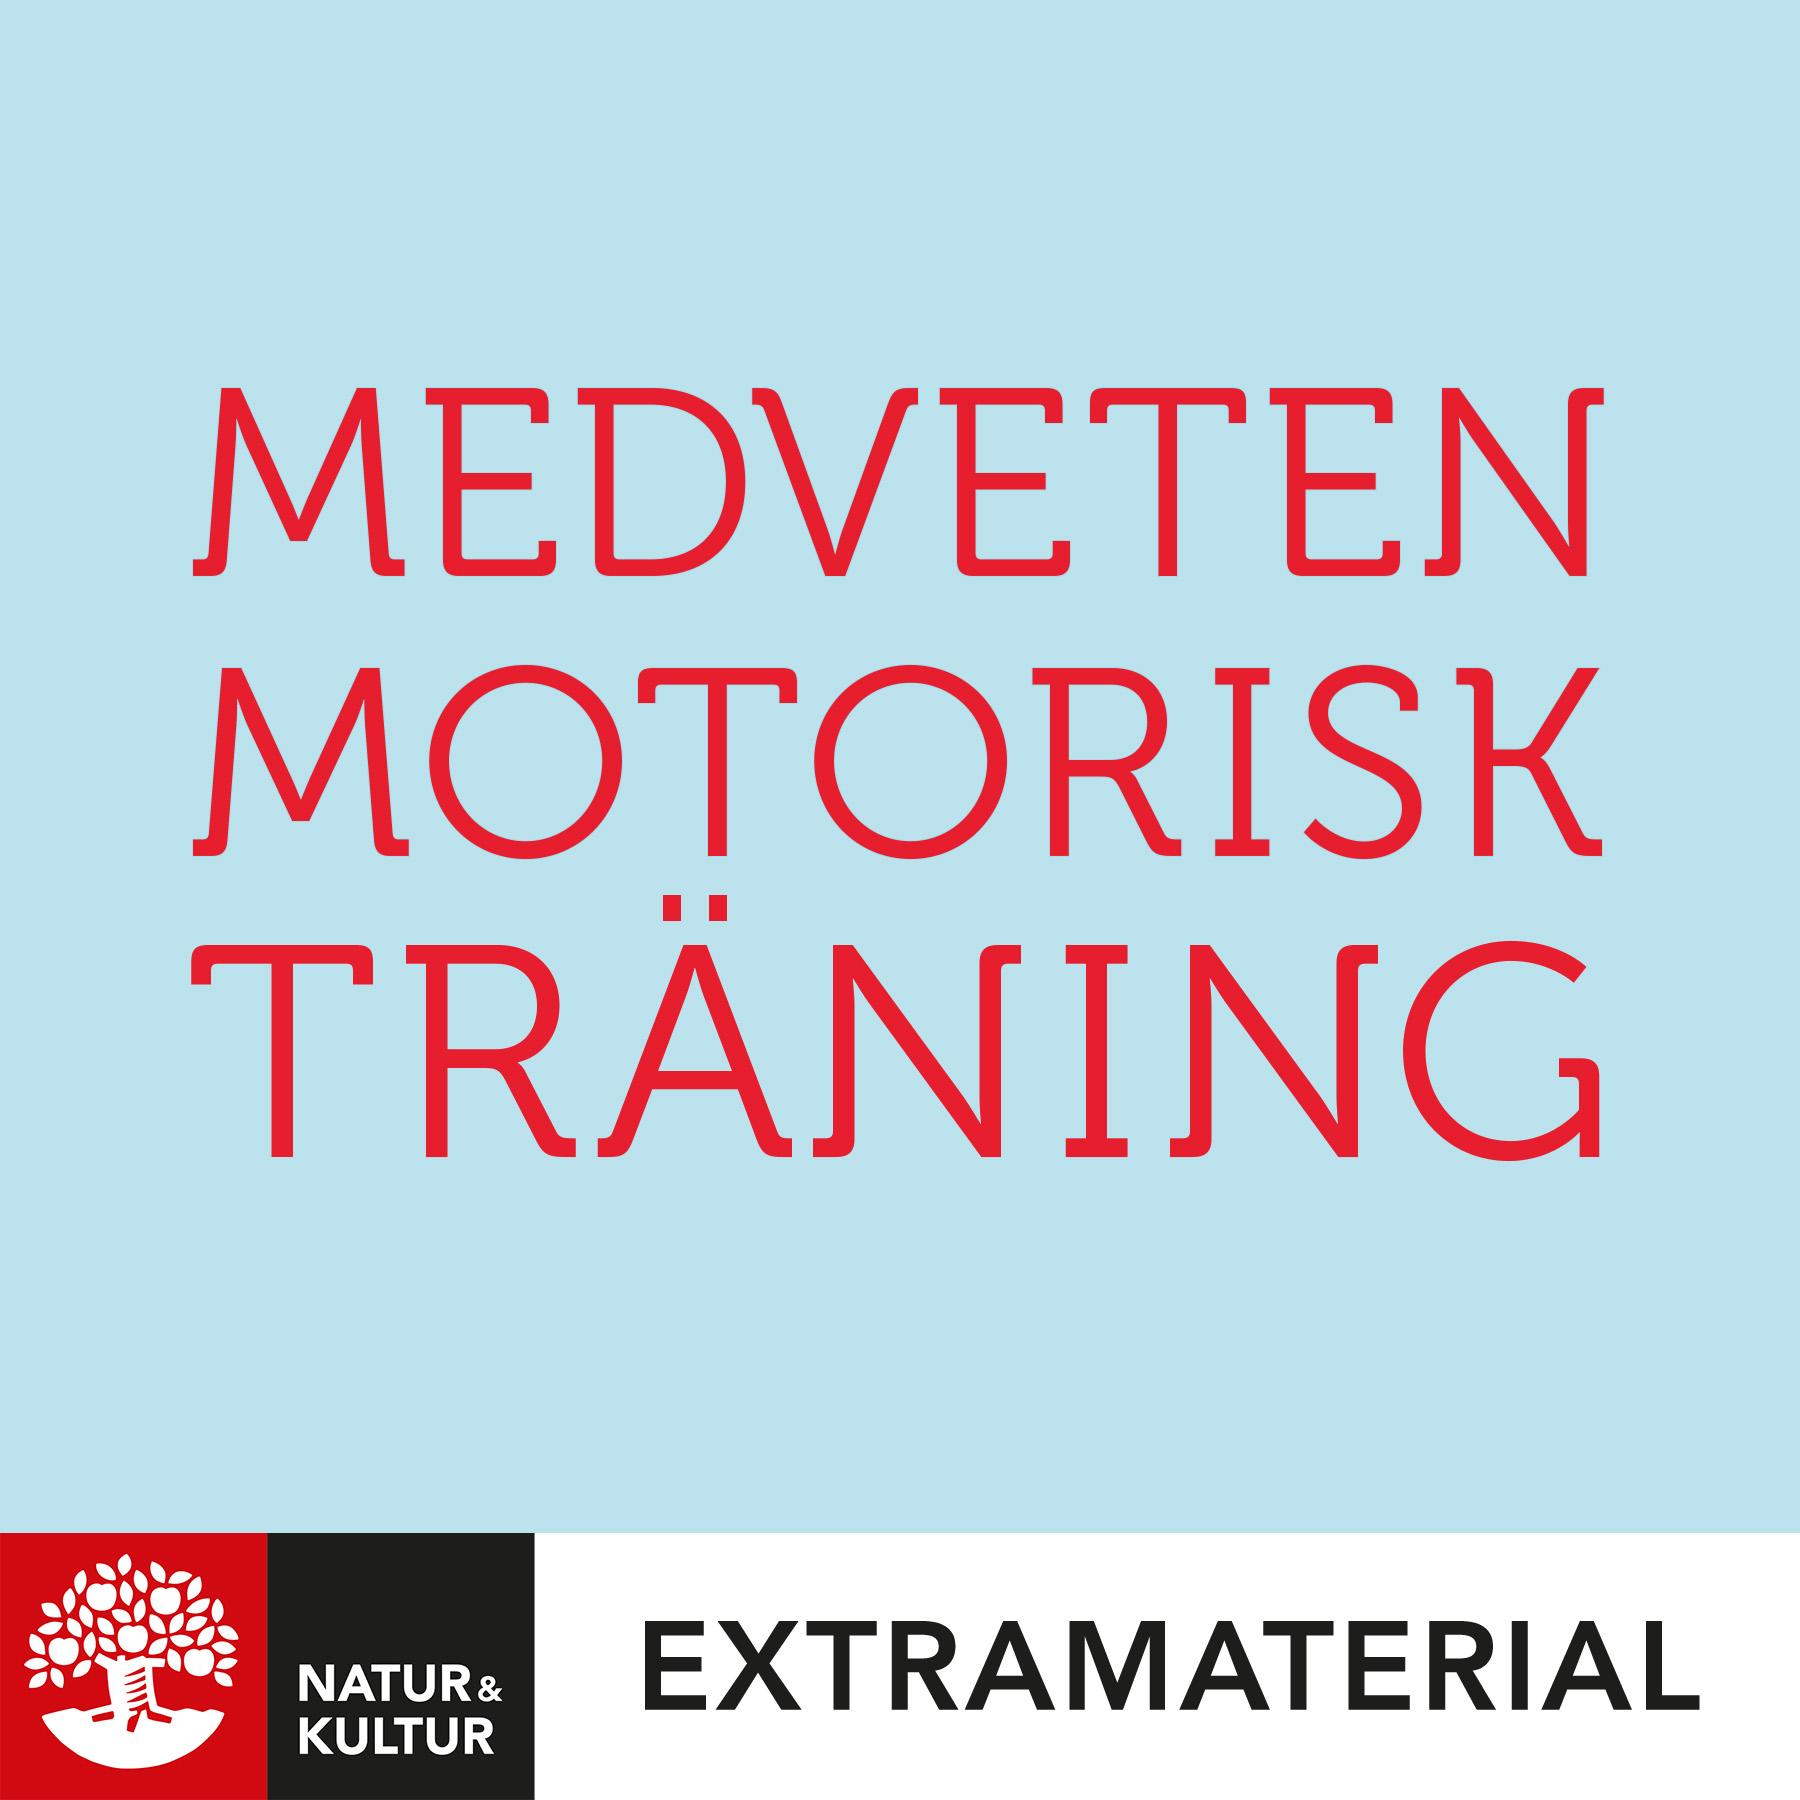 Medveten motorisk träning